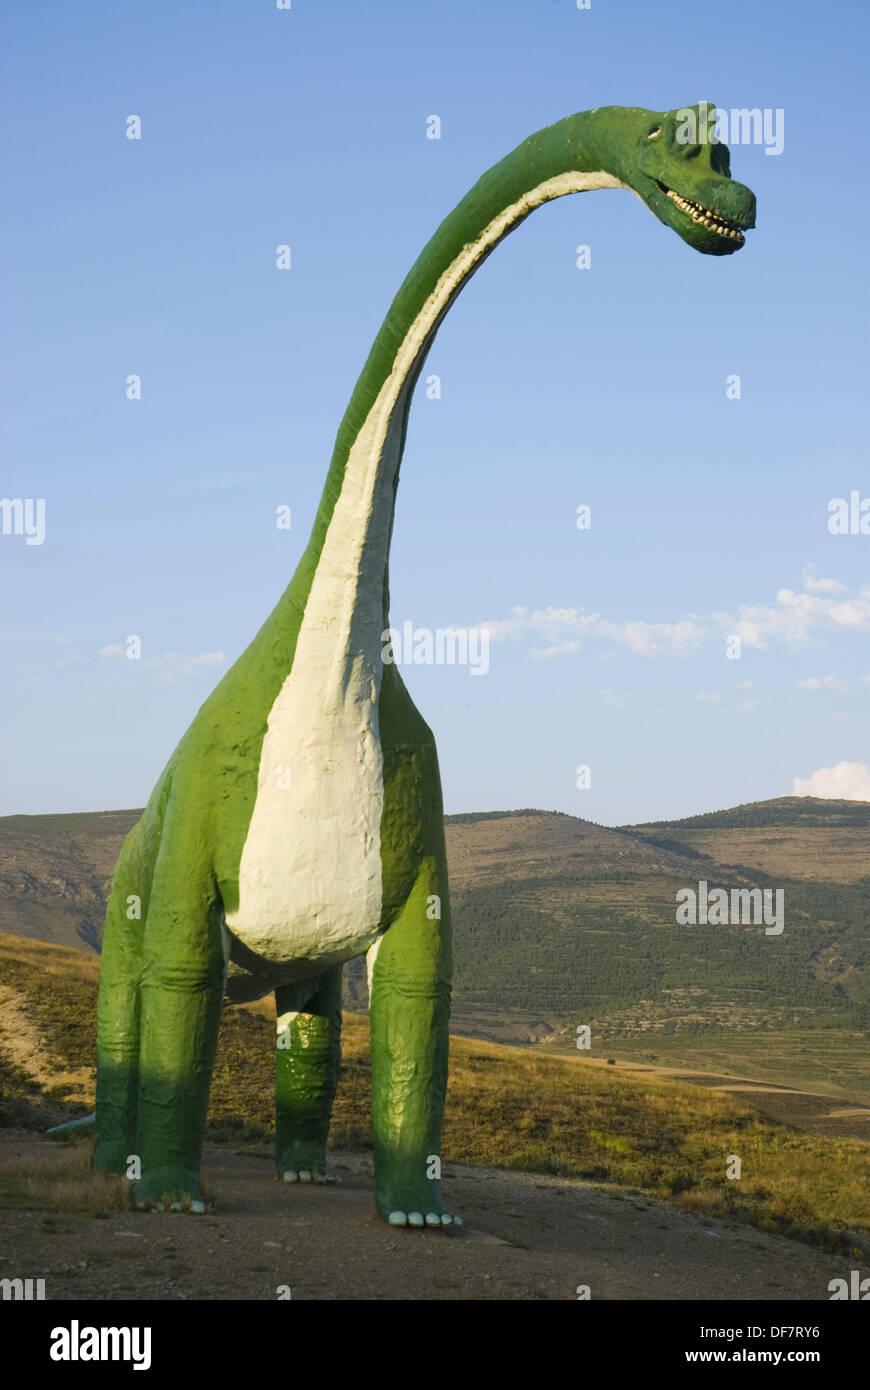 Life size replica of sauropod dinosaur in Villar del Rio. Soria province, Castilla-Leon, Spain Stock Photo